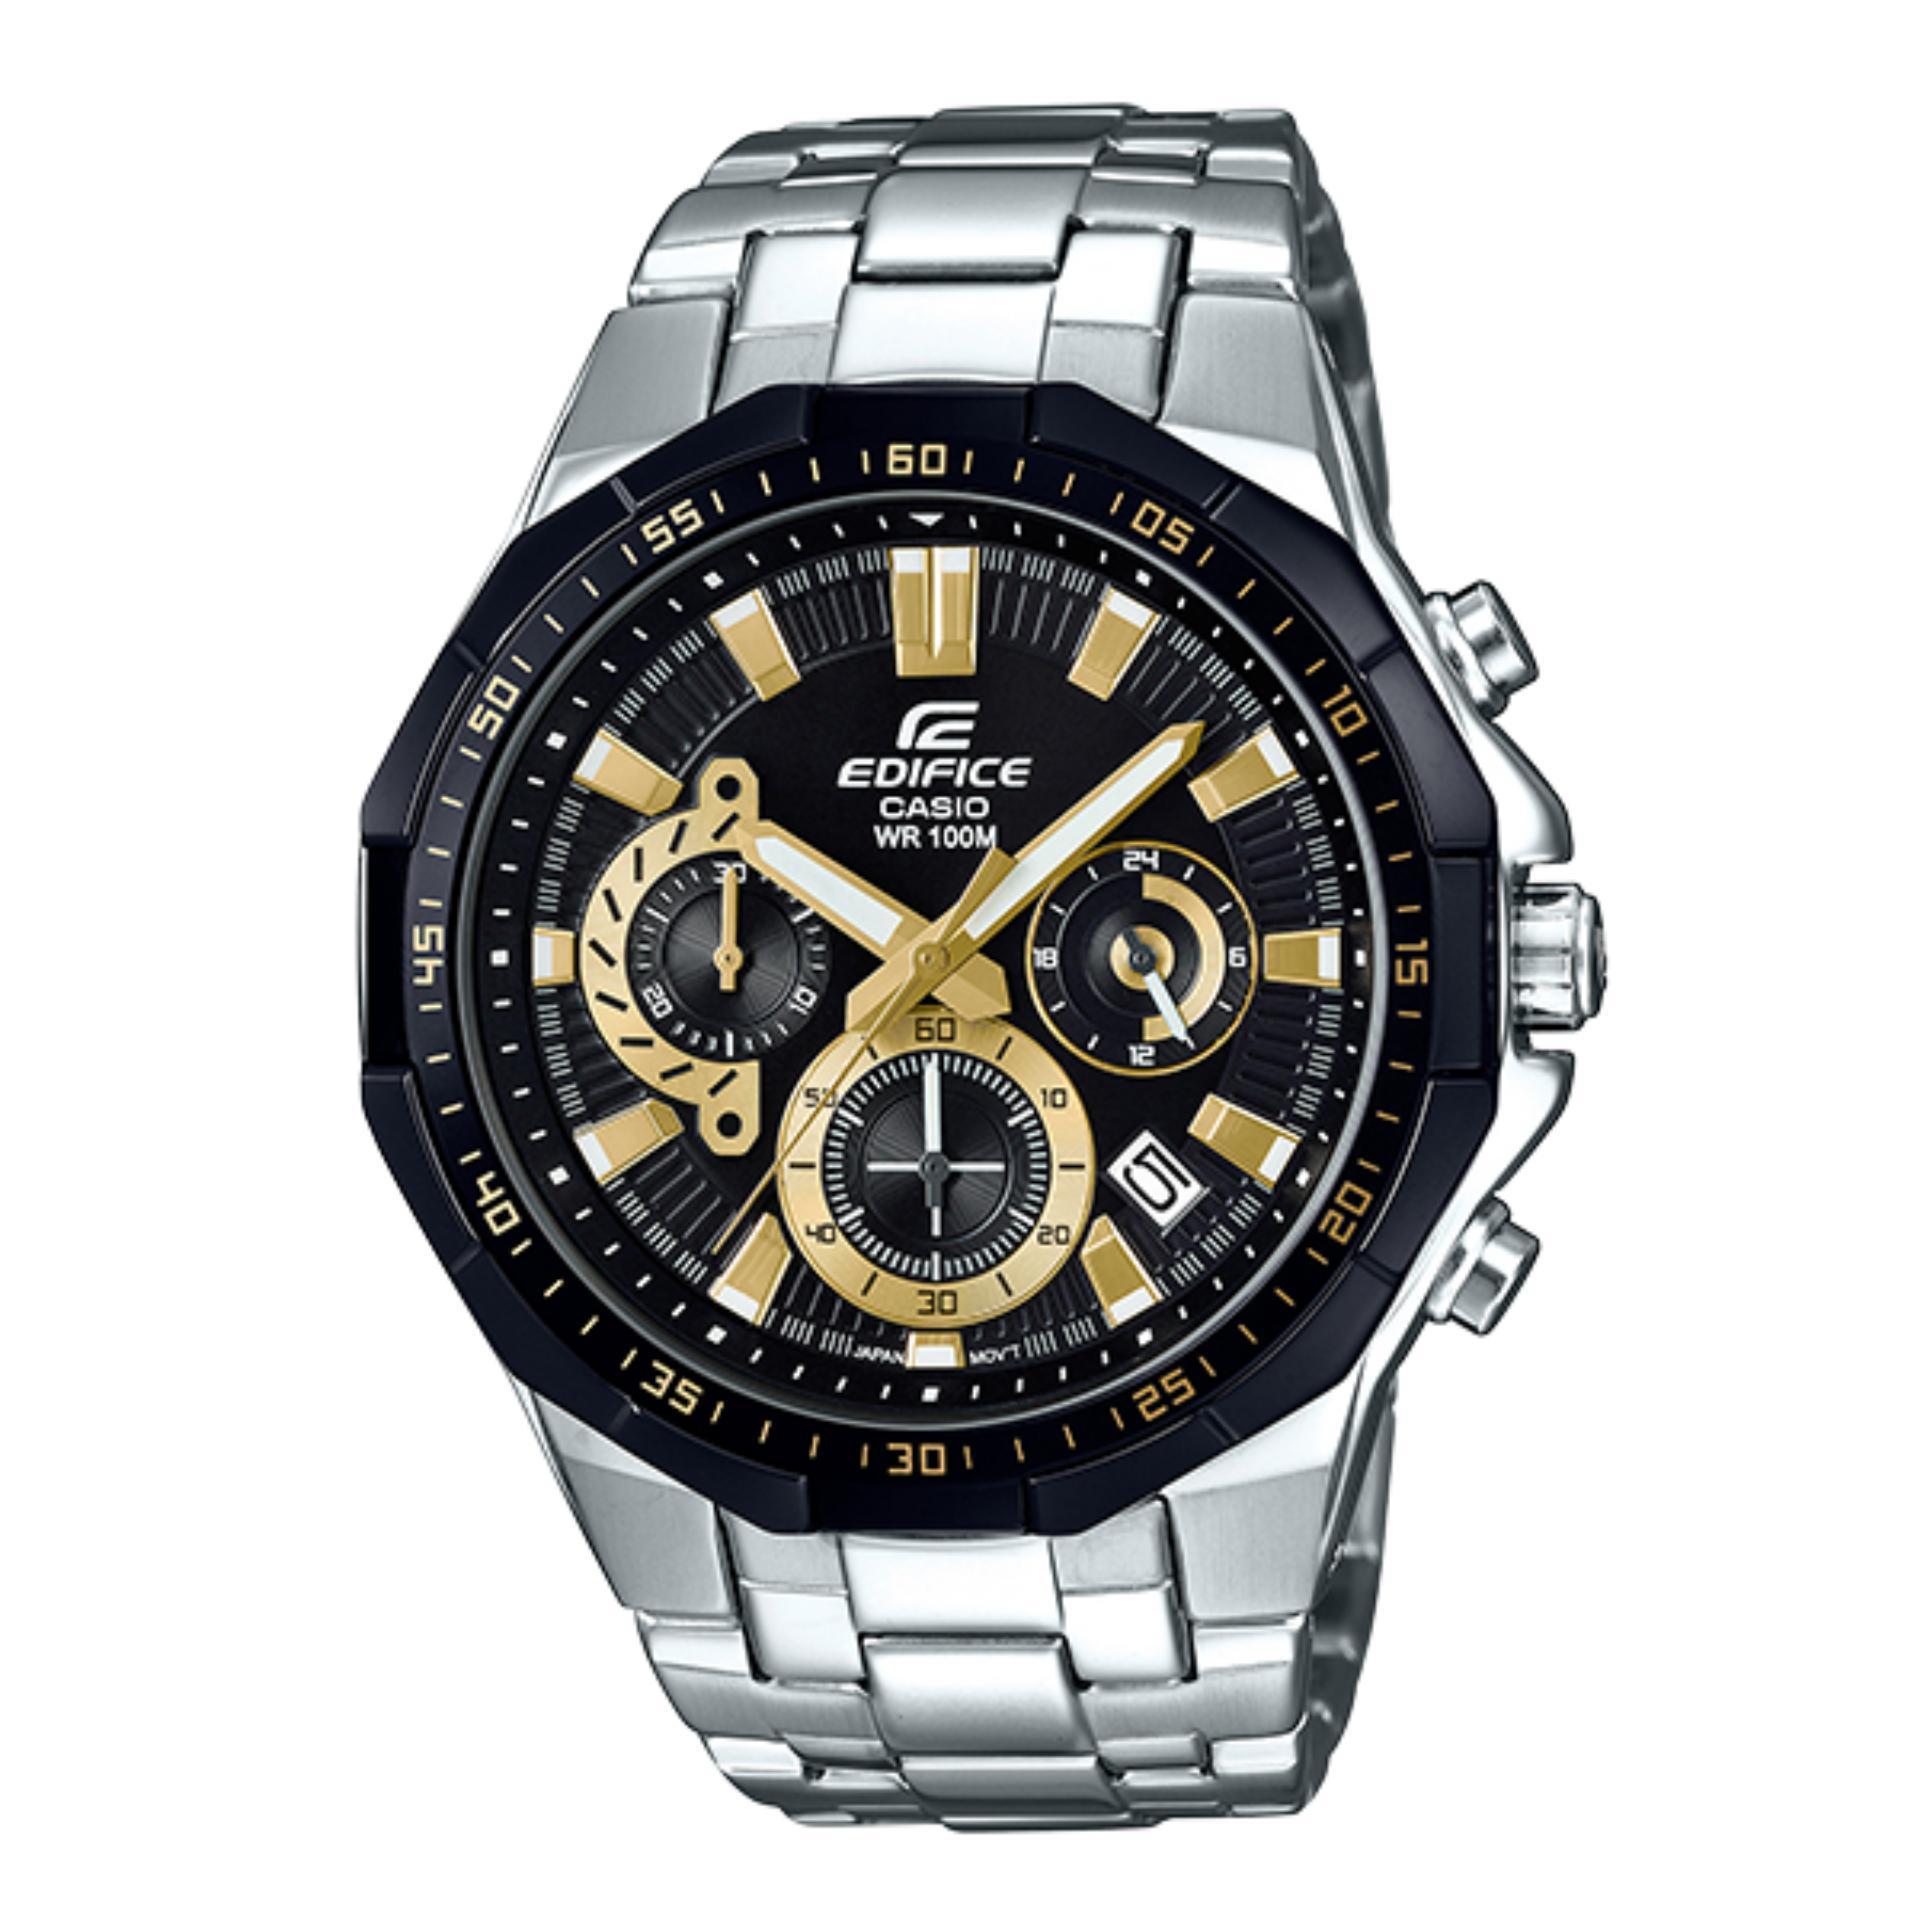 bba9e062ed49 Casio Edifice Philippines  Casio Edifice price list - Watches for ...